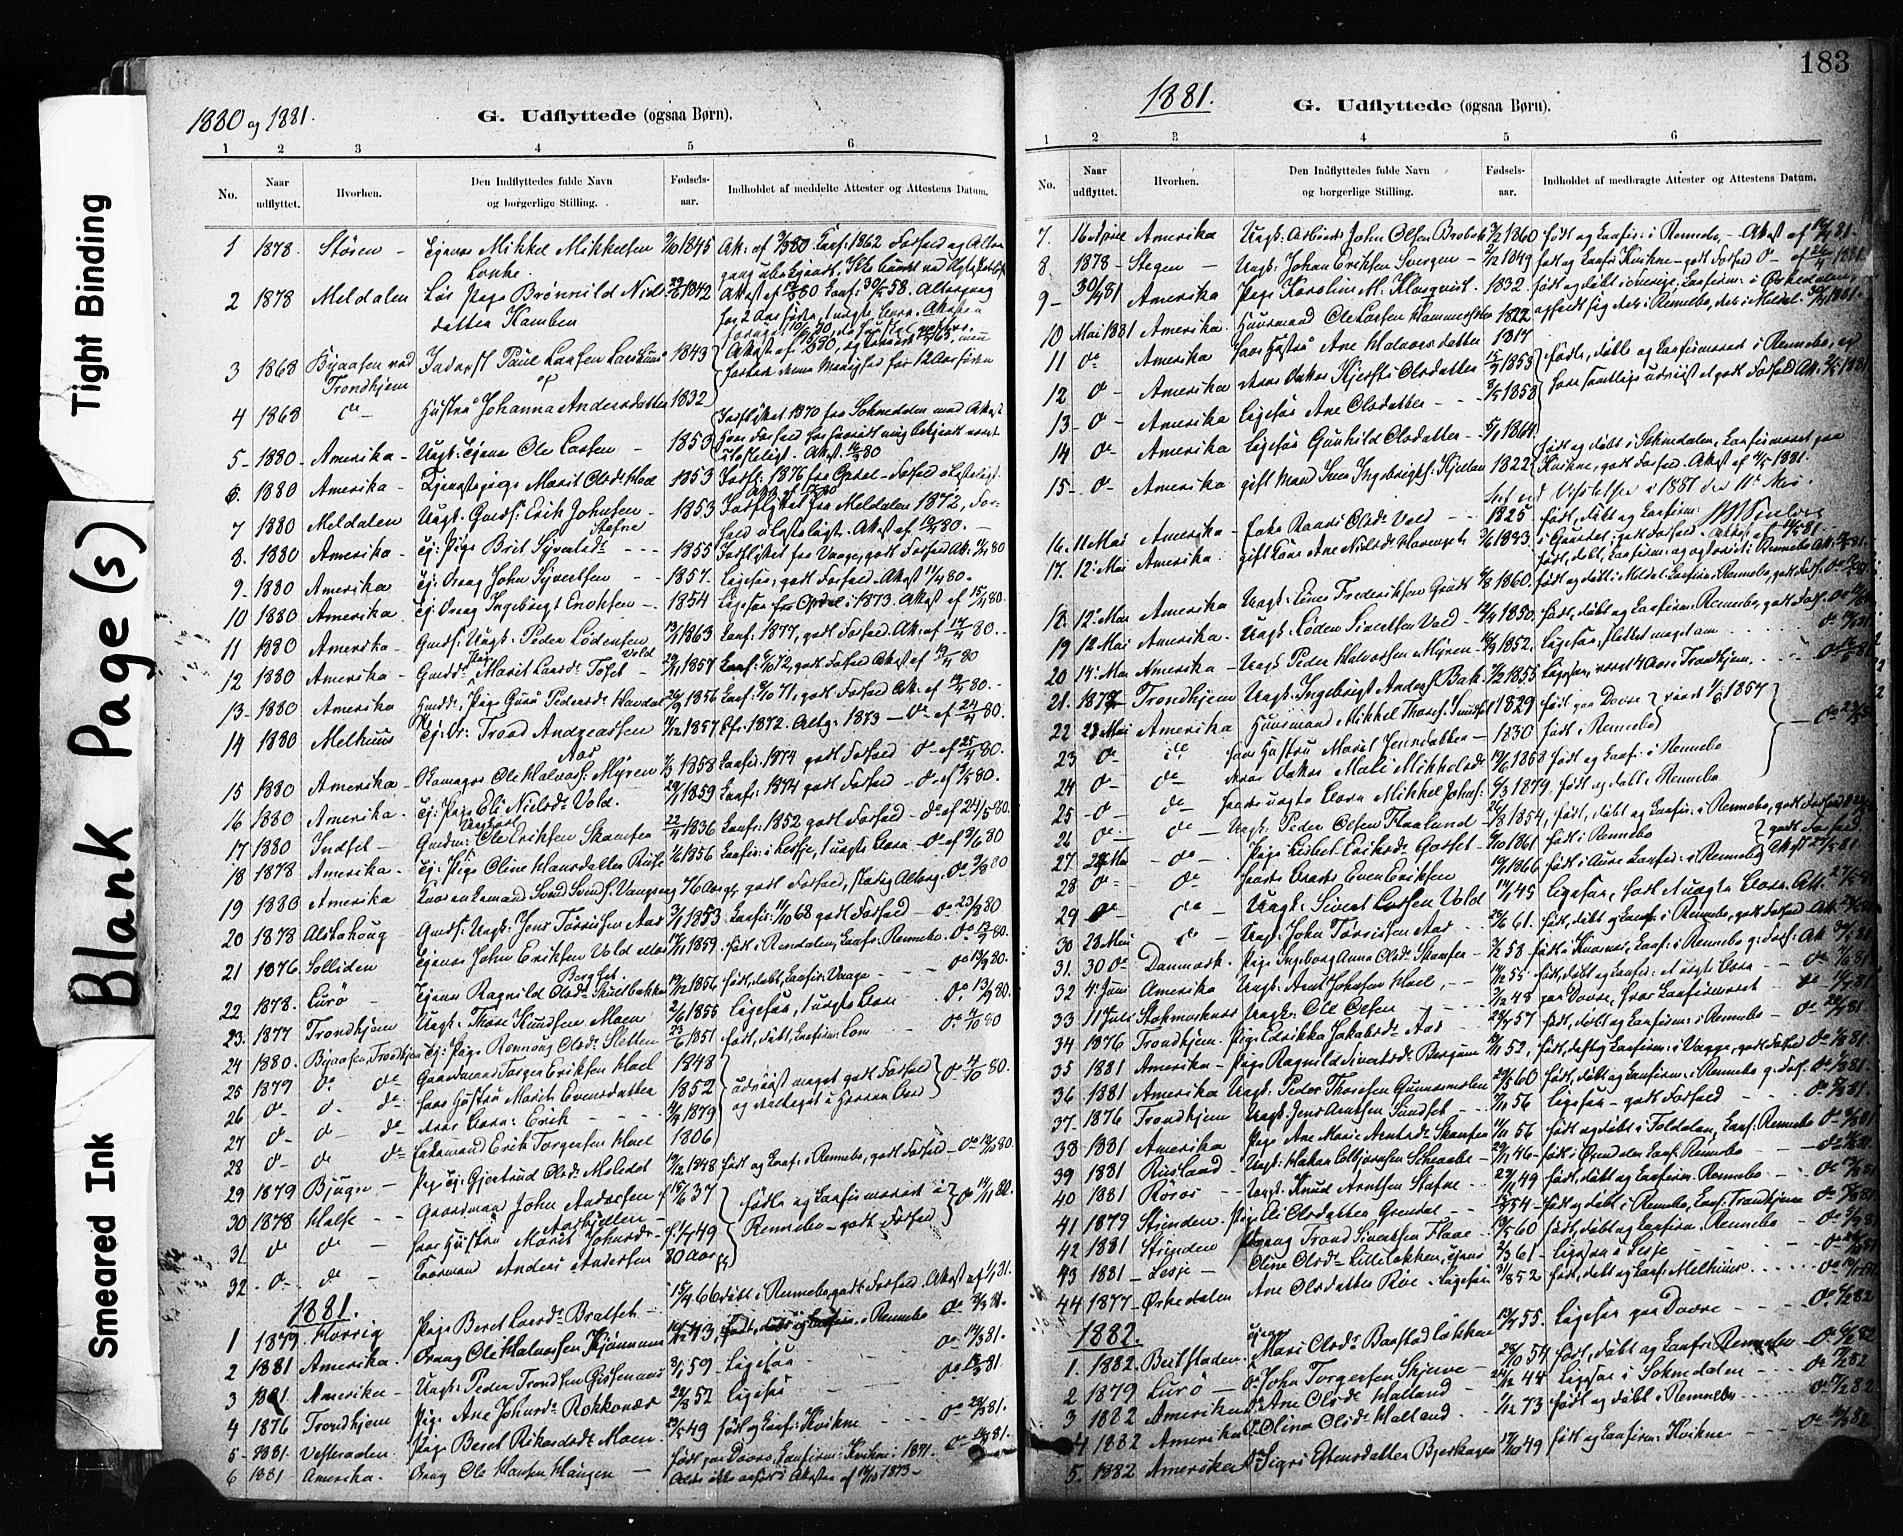 SAT, Ministerialprotokoller, klokkerbøker og fødselsregistre - Sør-Trøndelag, 674/L0871: Ministerialbok nr. 674A03, 1880-1896, s. 183